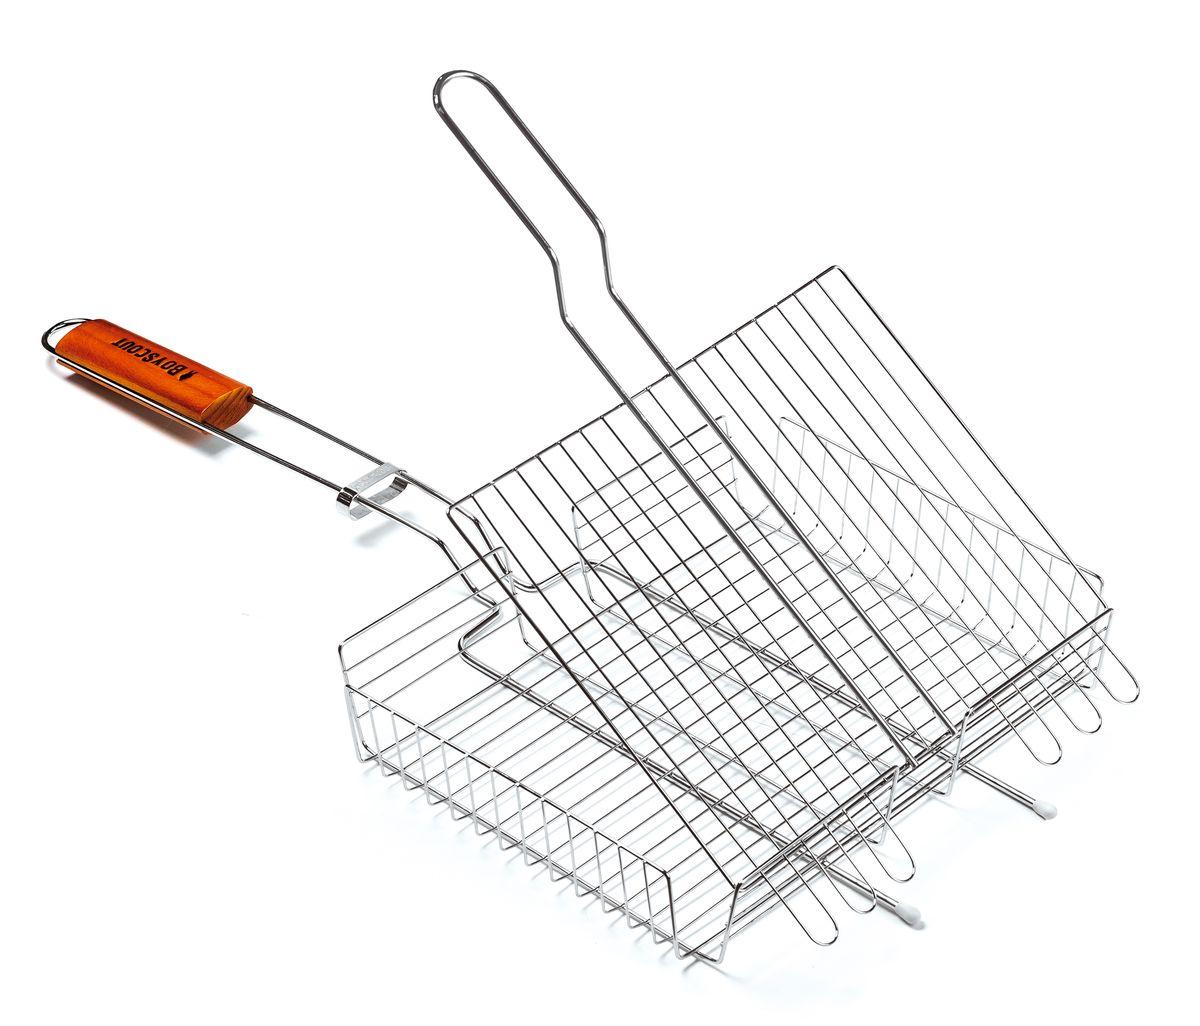 Решетка-гриль Boyscout, универсальная, 30 см х 25 смSF 0085Решетка-гриль Boyscout предназначена для приготовления мяса, рыбы, птицы, овощей на открытом воздухе. Изготовлена из высококачественной стали с пищевым хромированным покрытием. Идеально подходит для мангалов и барбекю.Решетка имеет широкое фиксирующее кольцо на ручке, что обеспечивает надежную фиксацию. Специальная деревянная рукоятка предохраняет от ожогов, а также удобна для обхвата двумя руками, что позволяет легко переворачивать решетку.Размер решетки: 30 см x 25 см.Высота решетки: 4,5 см.